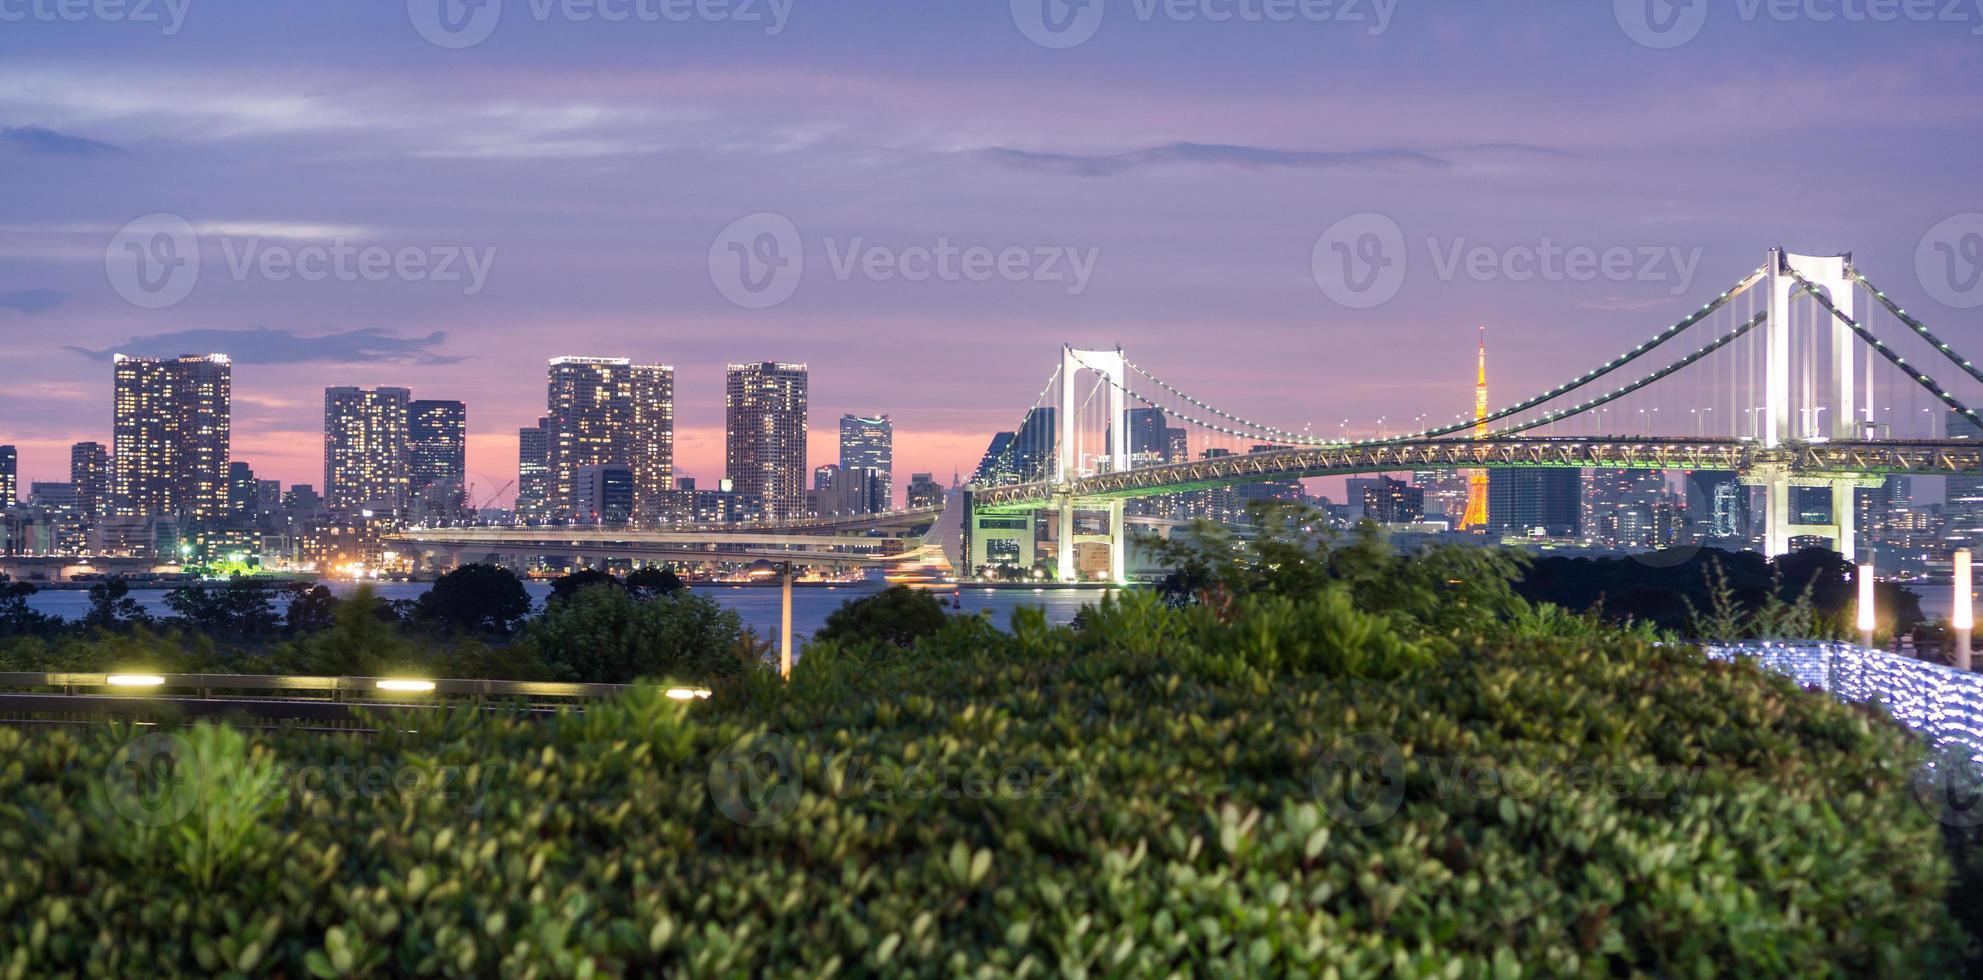 ponte do arco-íris e skyline de Tóquio de odaiba, visão noturna foto